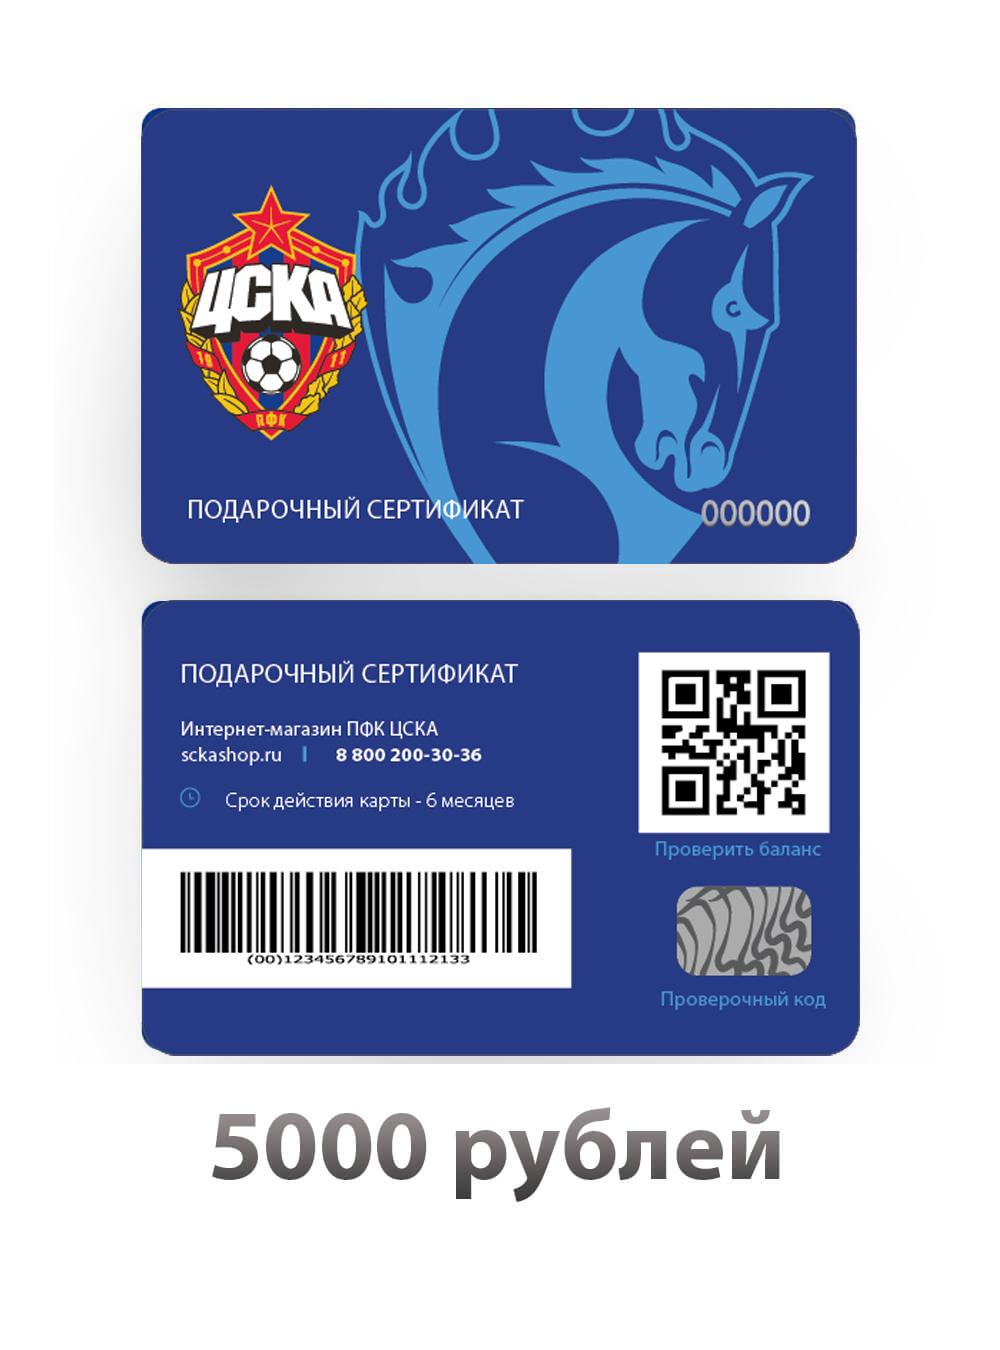 Подарочный сертификат на 5000 рублей (Электронный сертификат на 5000 рублей) ПФК ЦСКА фото